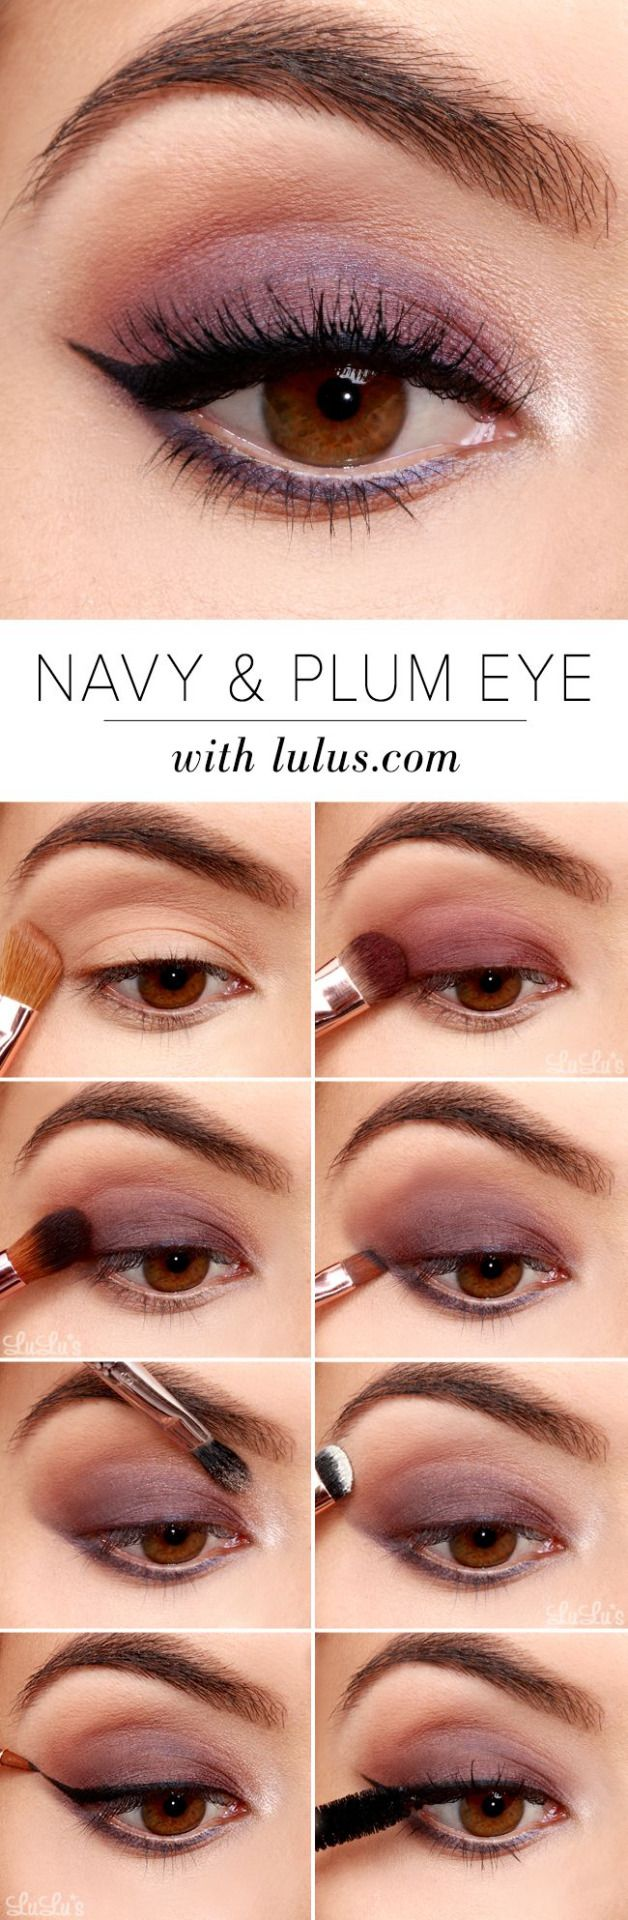 Navy and Plum Smokey Eyeshadow Tutorial #CutieMakeup #CutieBeauty #EyeShadow